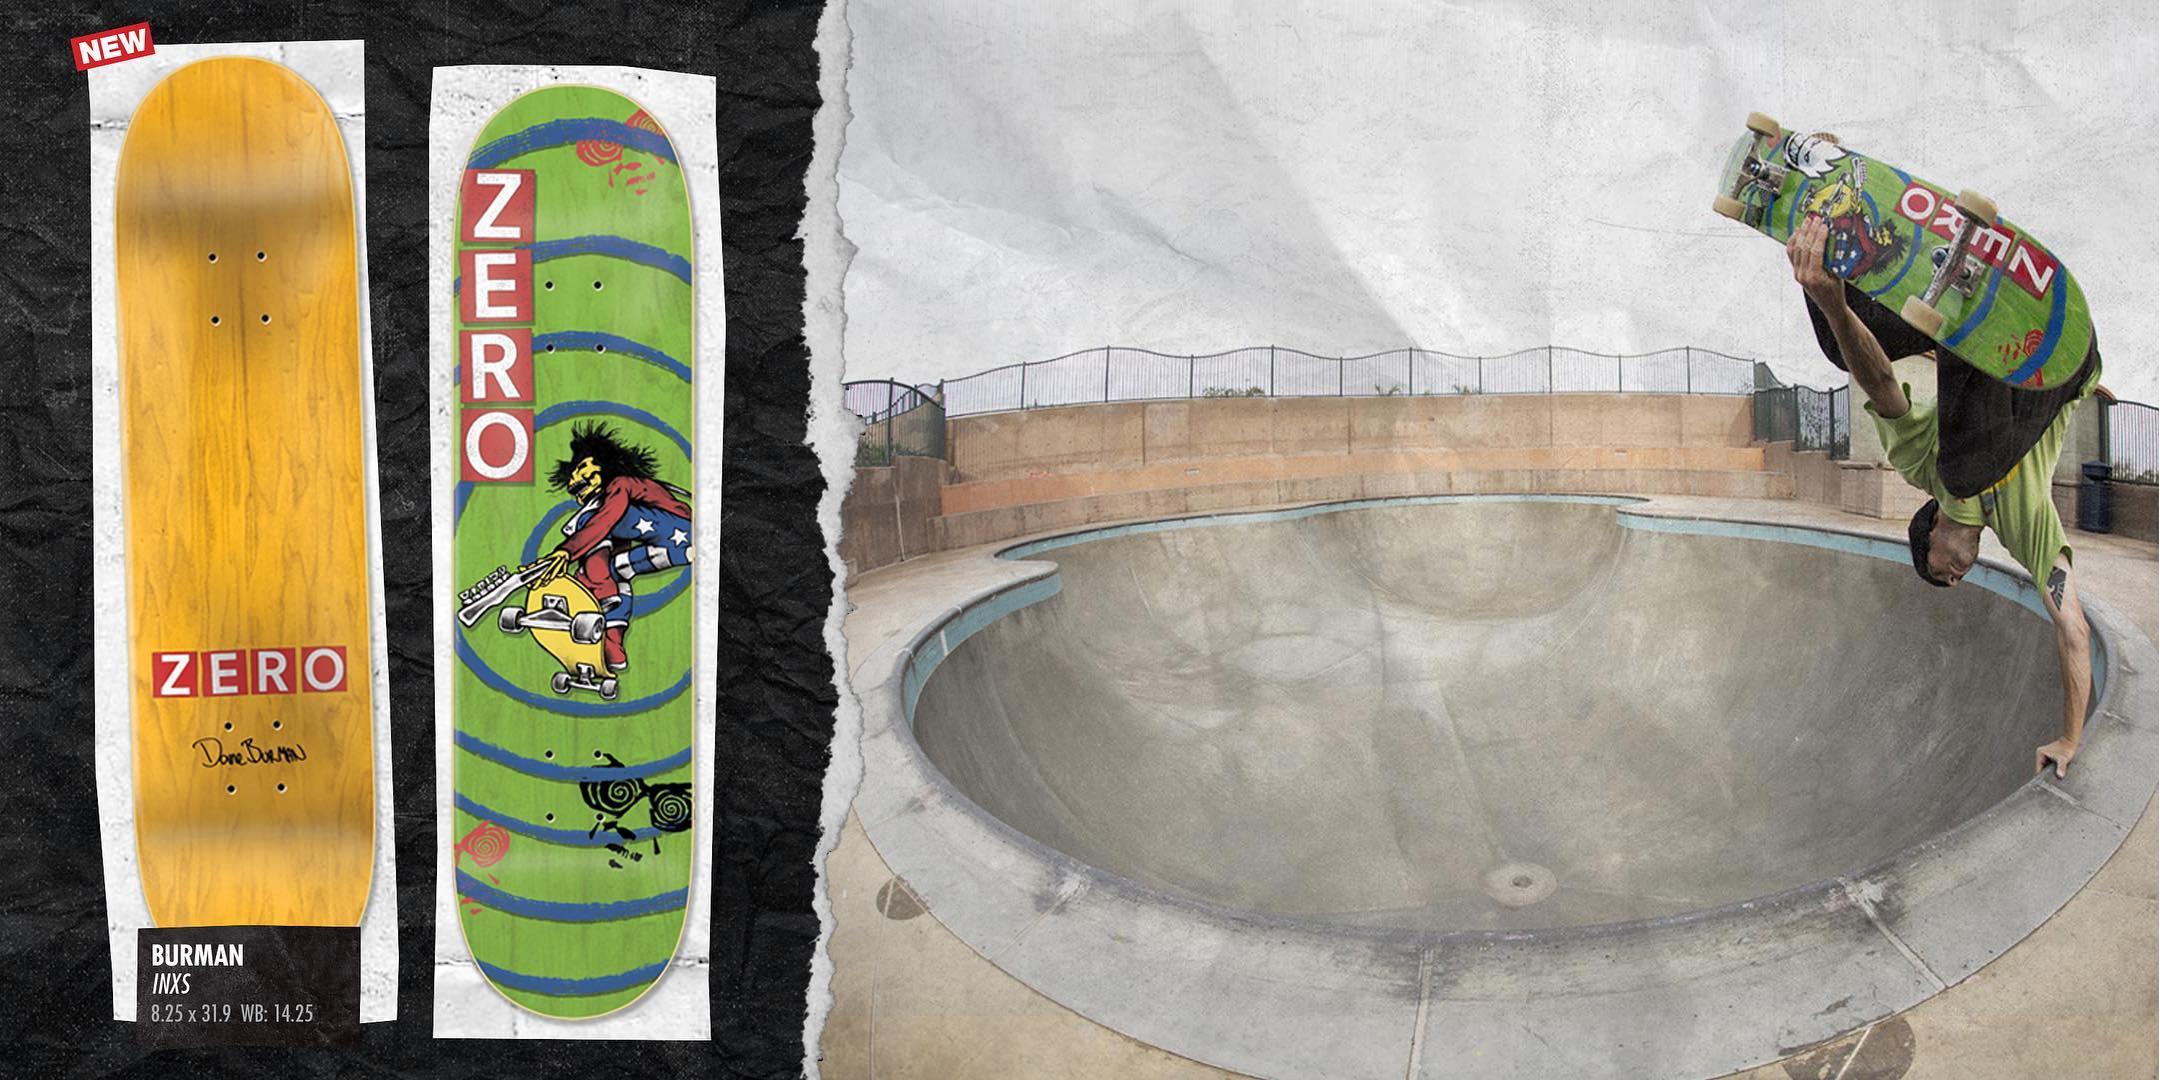 burman-zero-skater.jpg